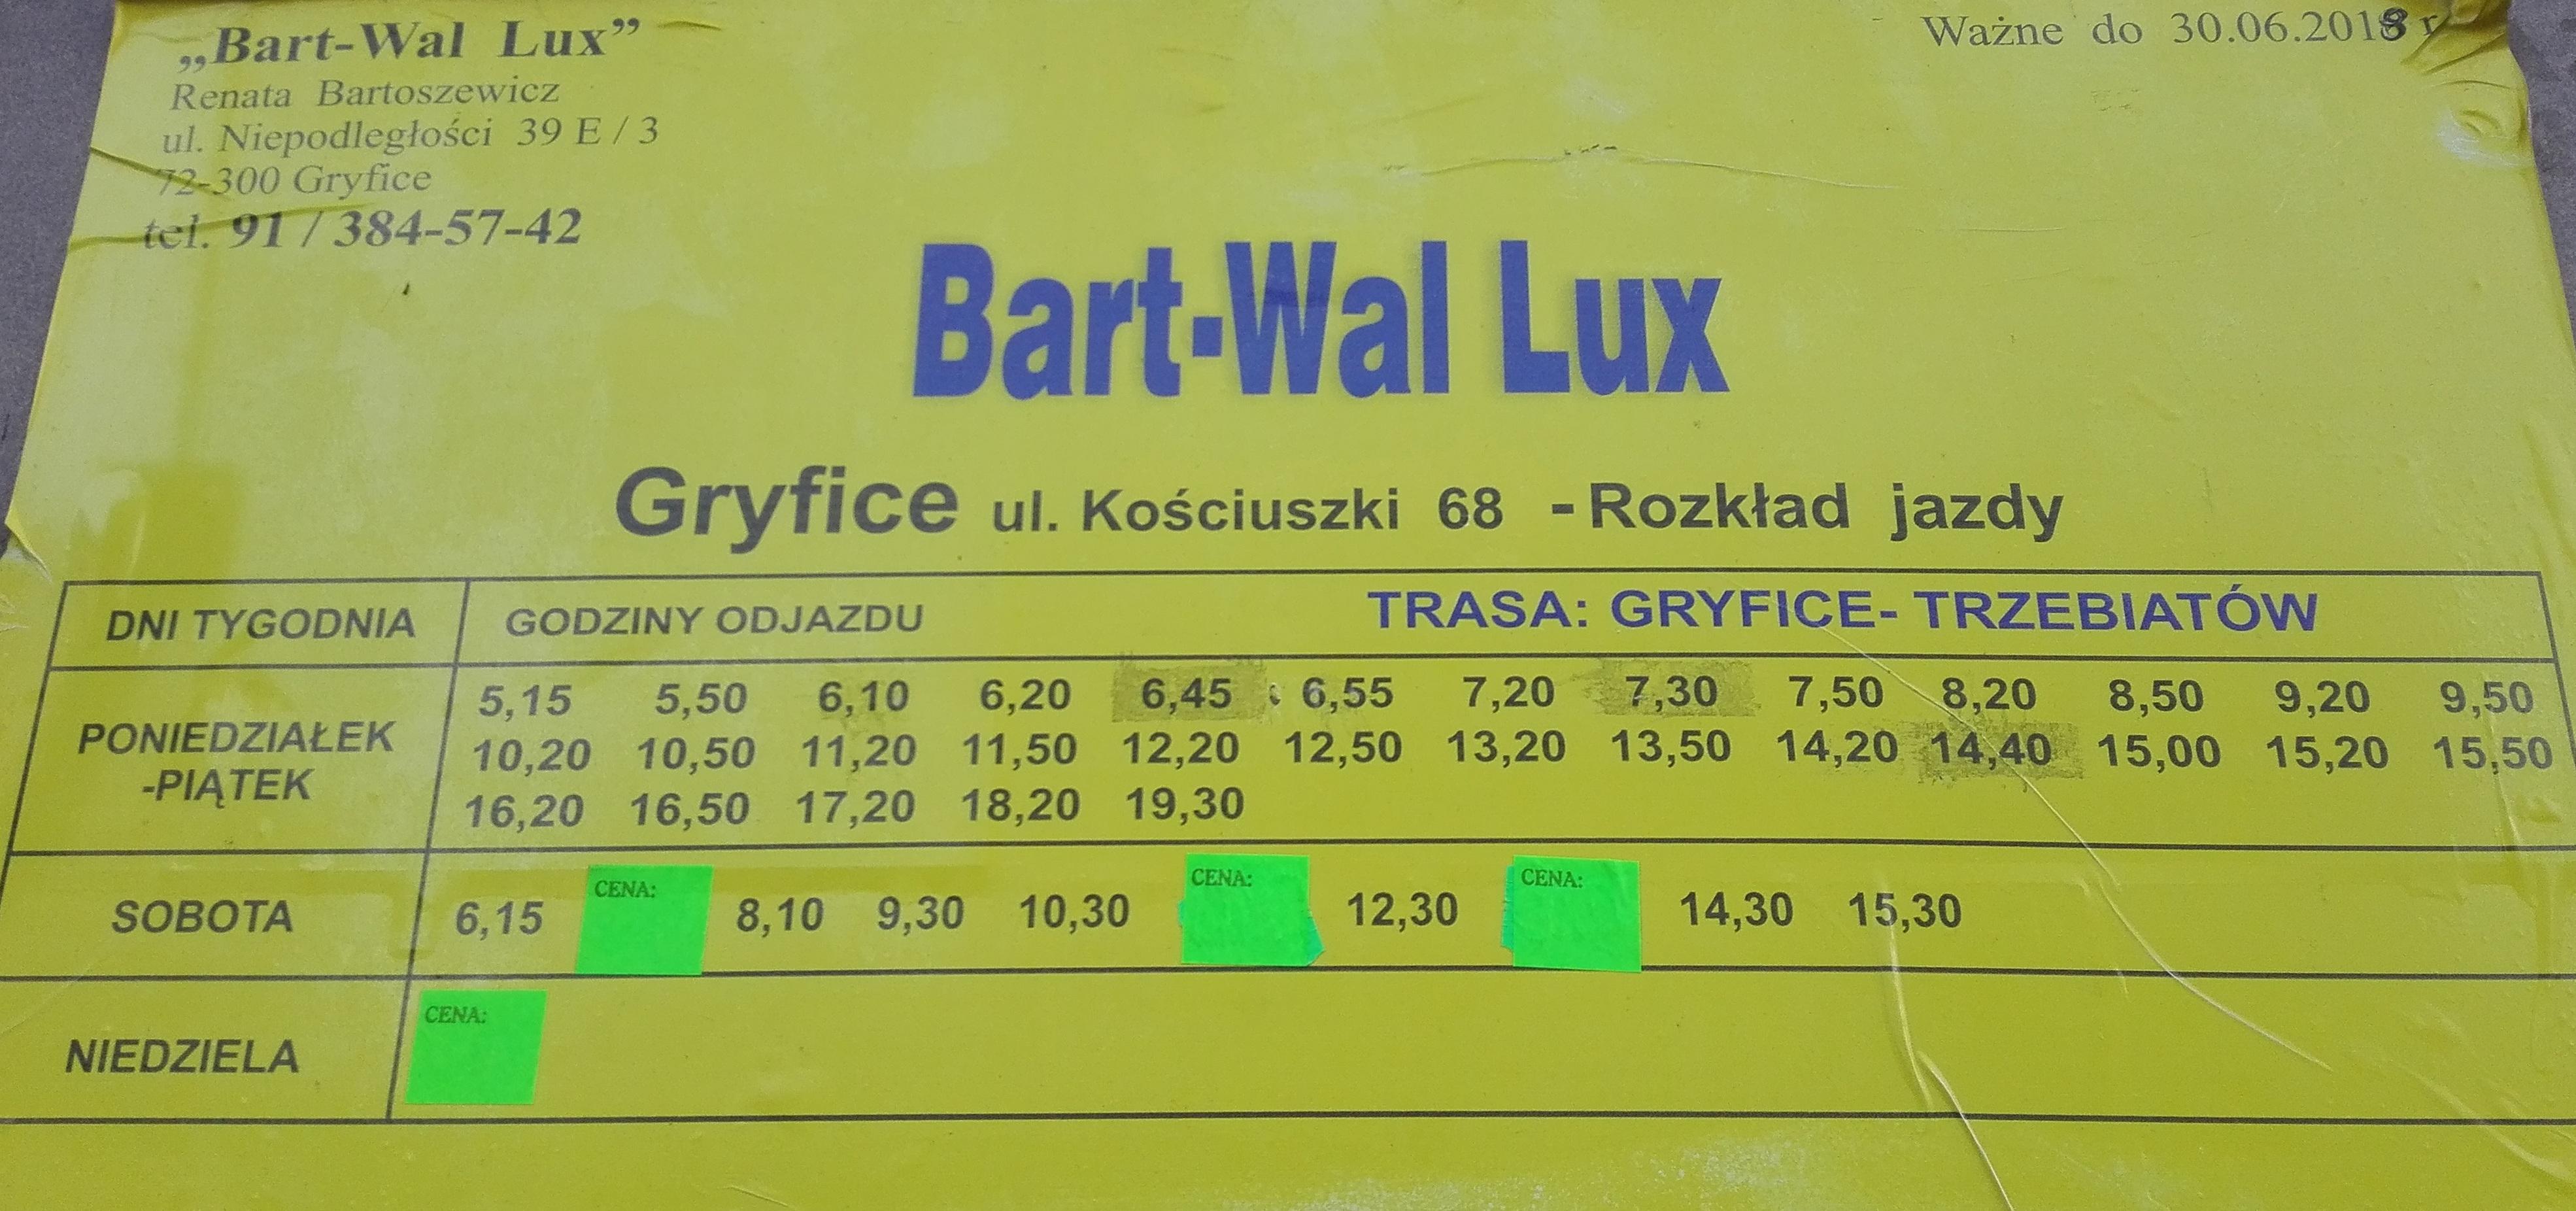 rozkład jazdy busy Gryfice Trzebiatów, trasa Gryfice Trzebiatów, busy Bart-Wal